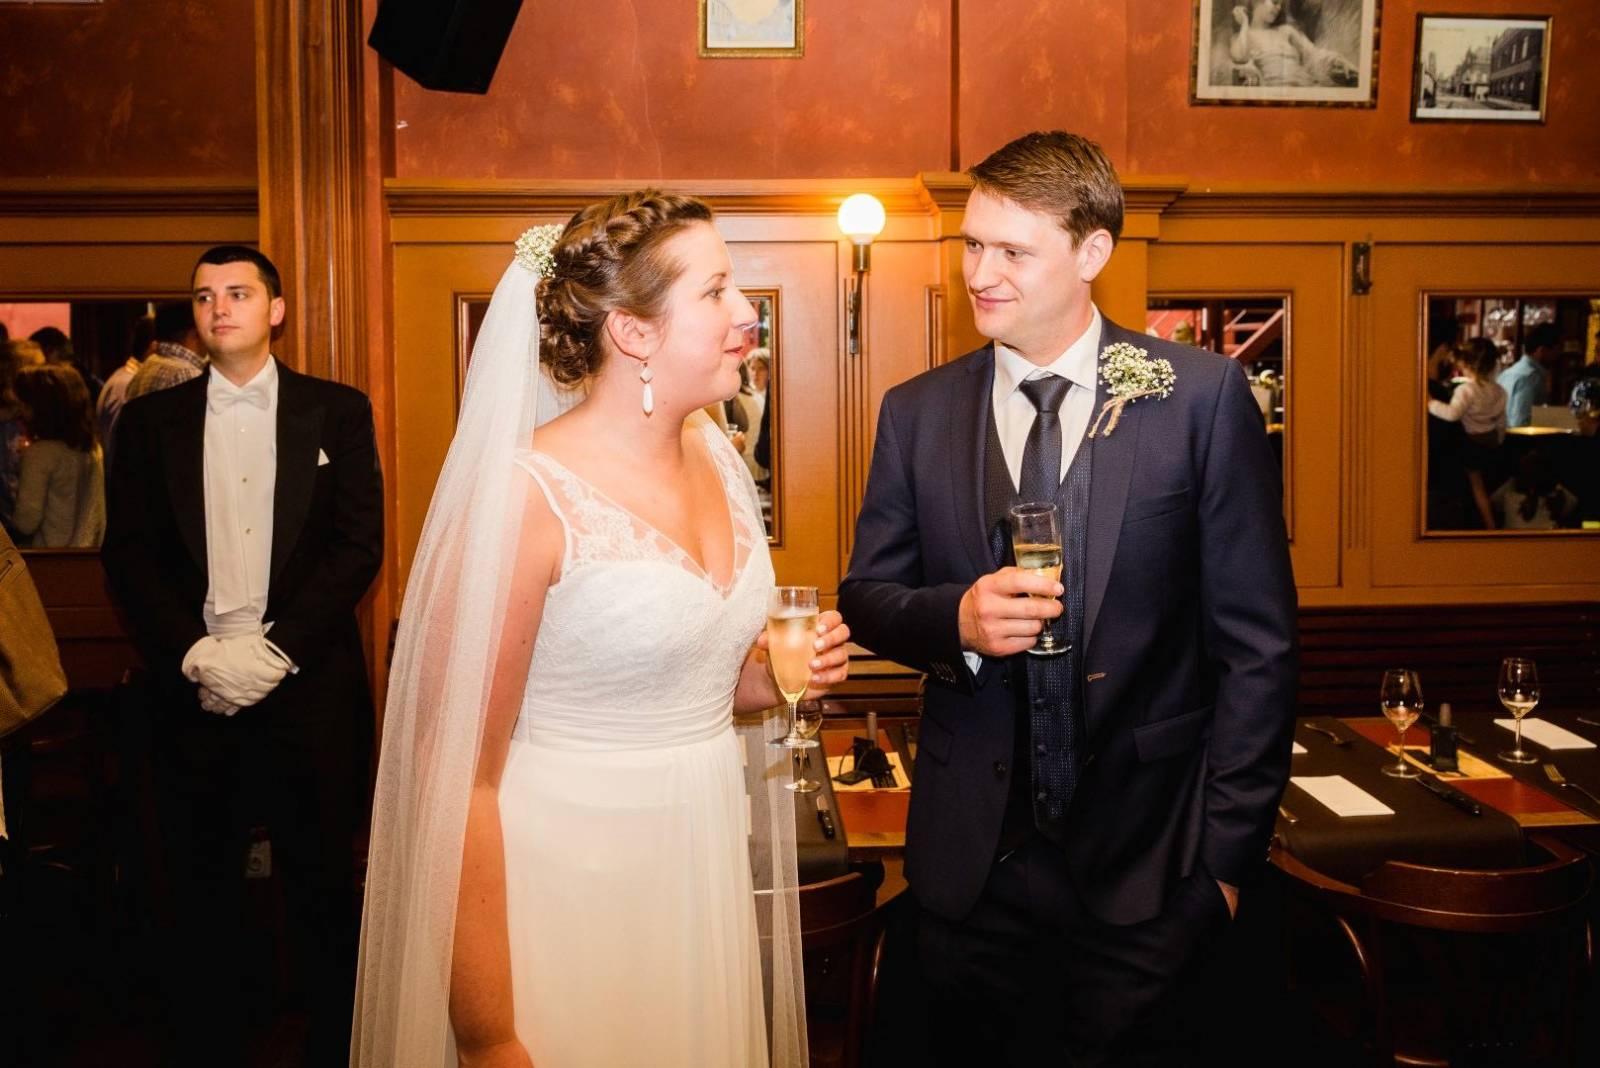 Lamont Ceremonie - Ceremonie - Fotograaf Fotografie De Moor & Muller - House of Weddings - 1